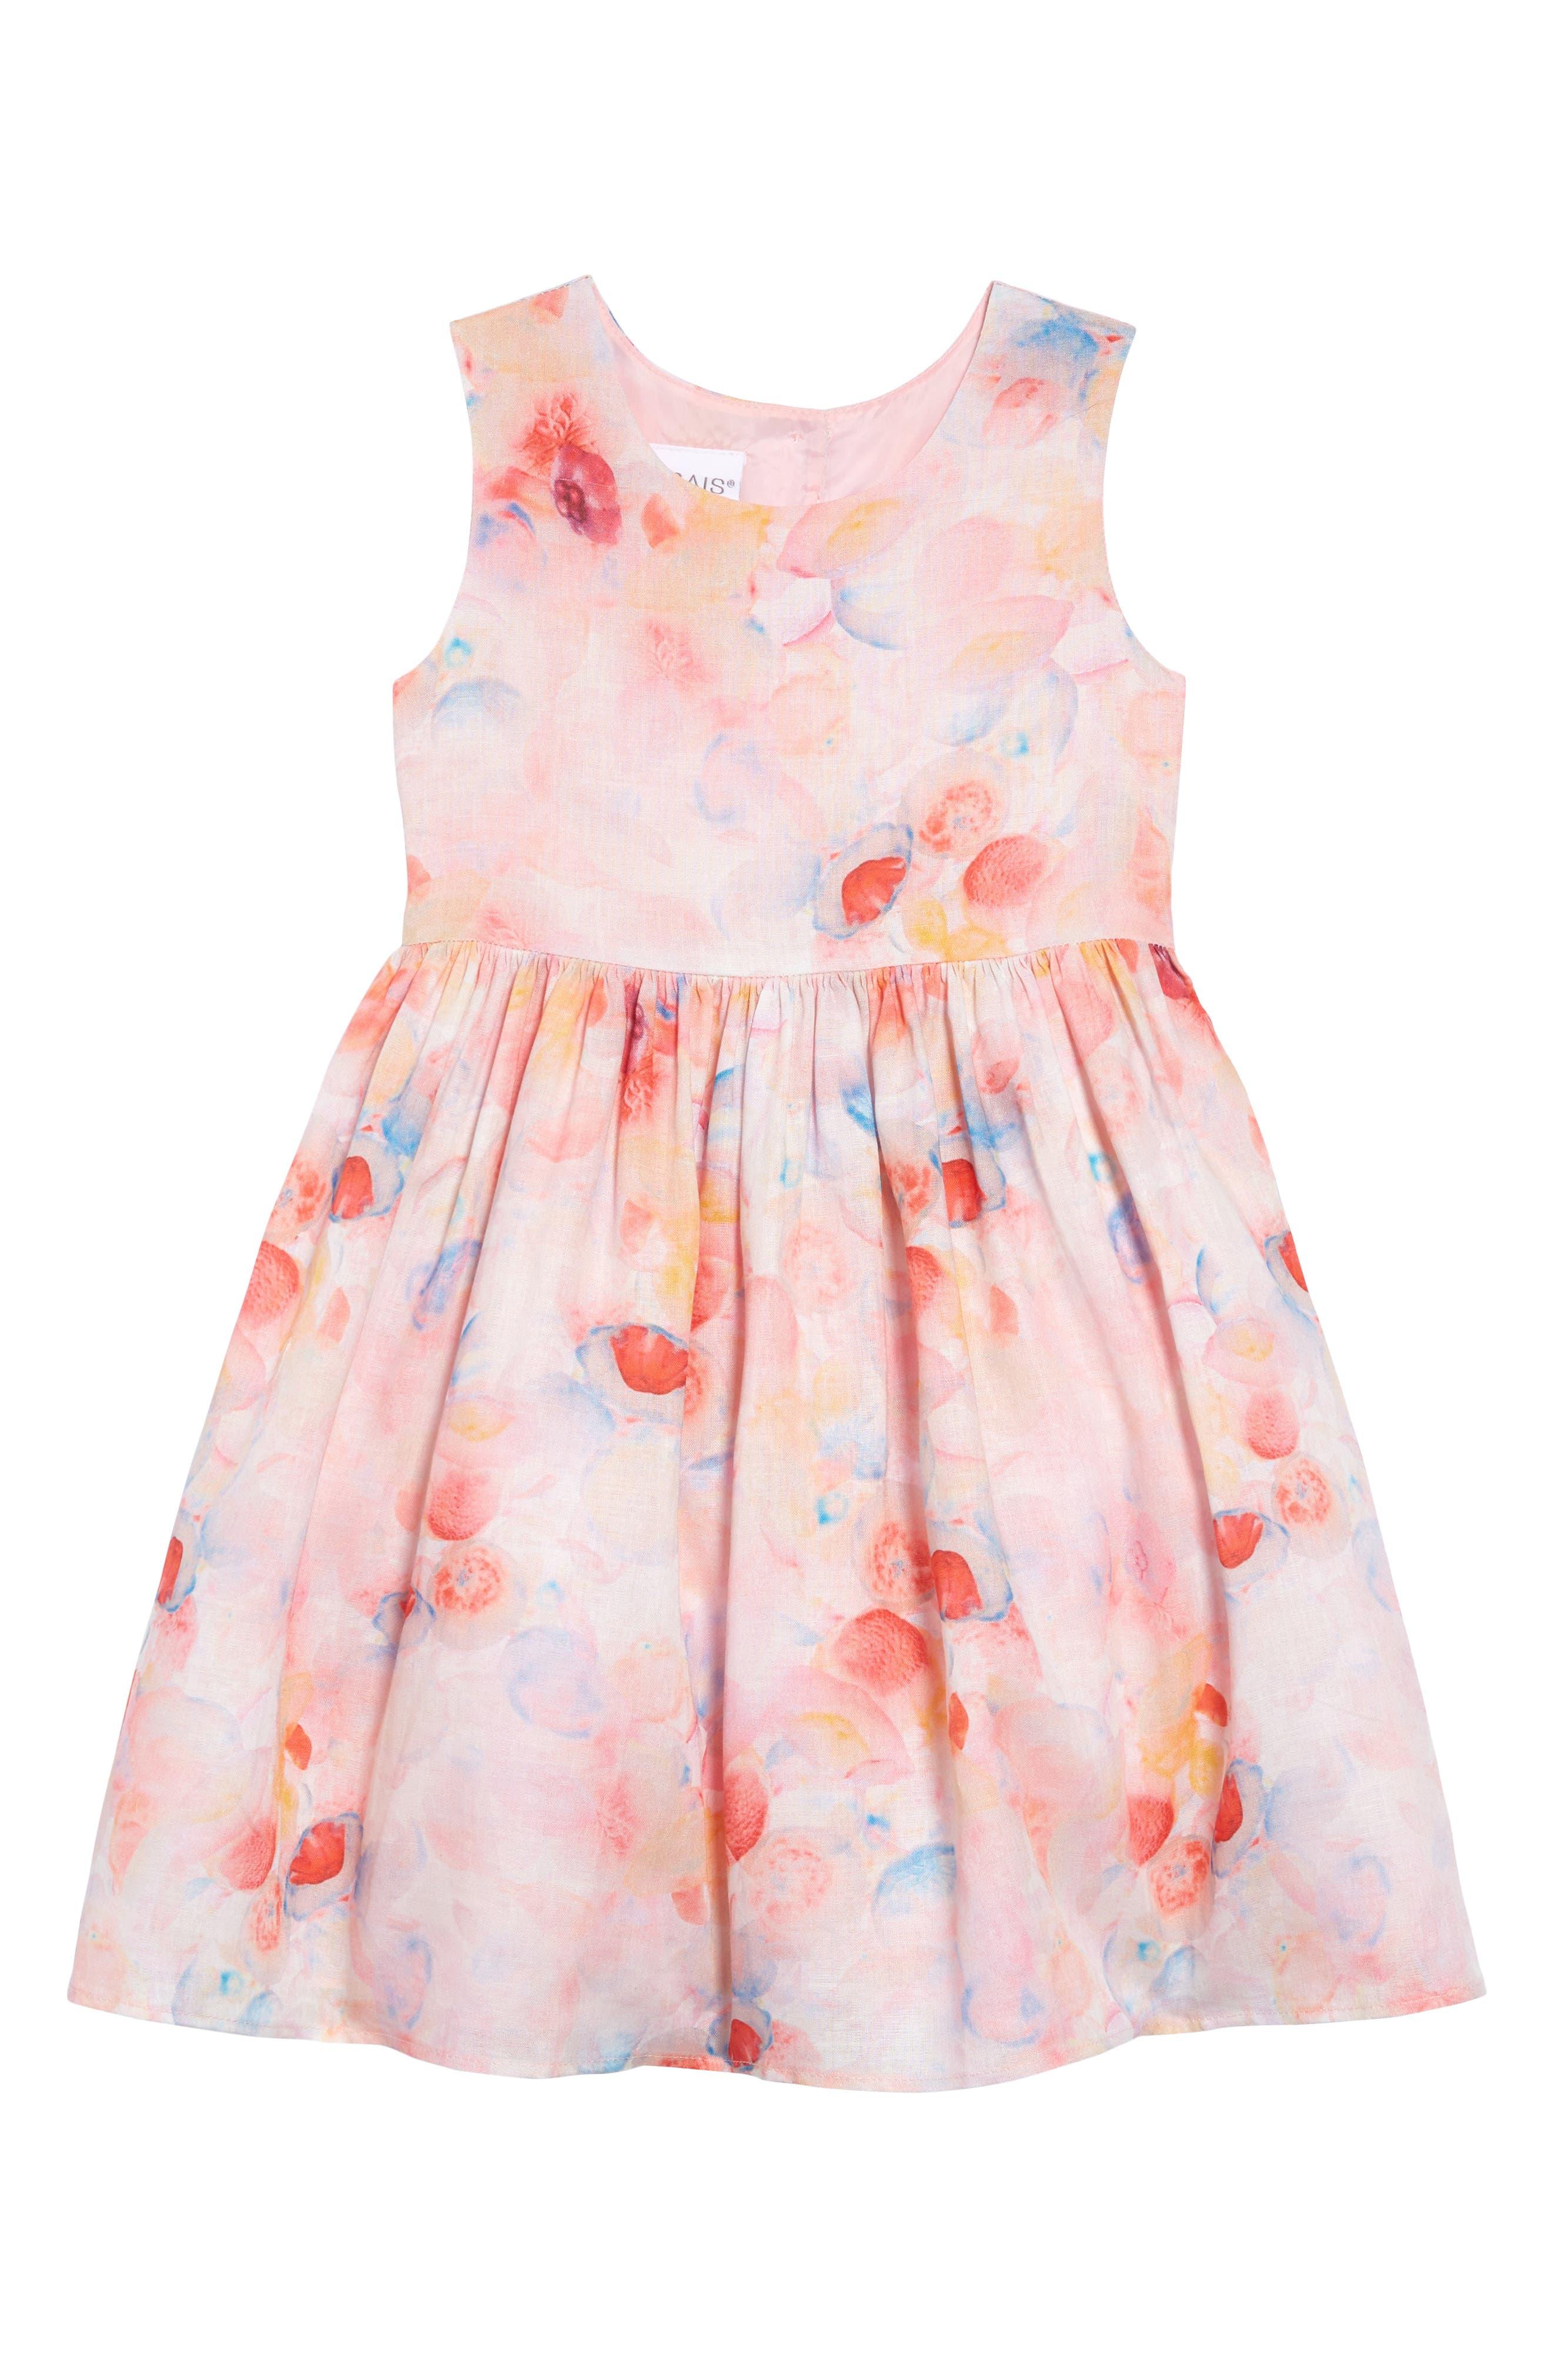 Toddler Girls Frais Print Linen Dress Size 2T  Coral